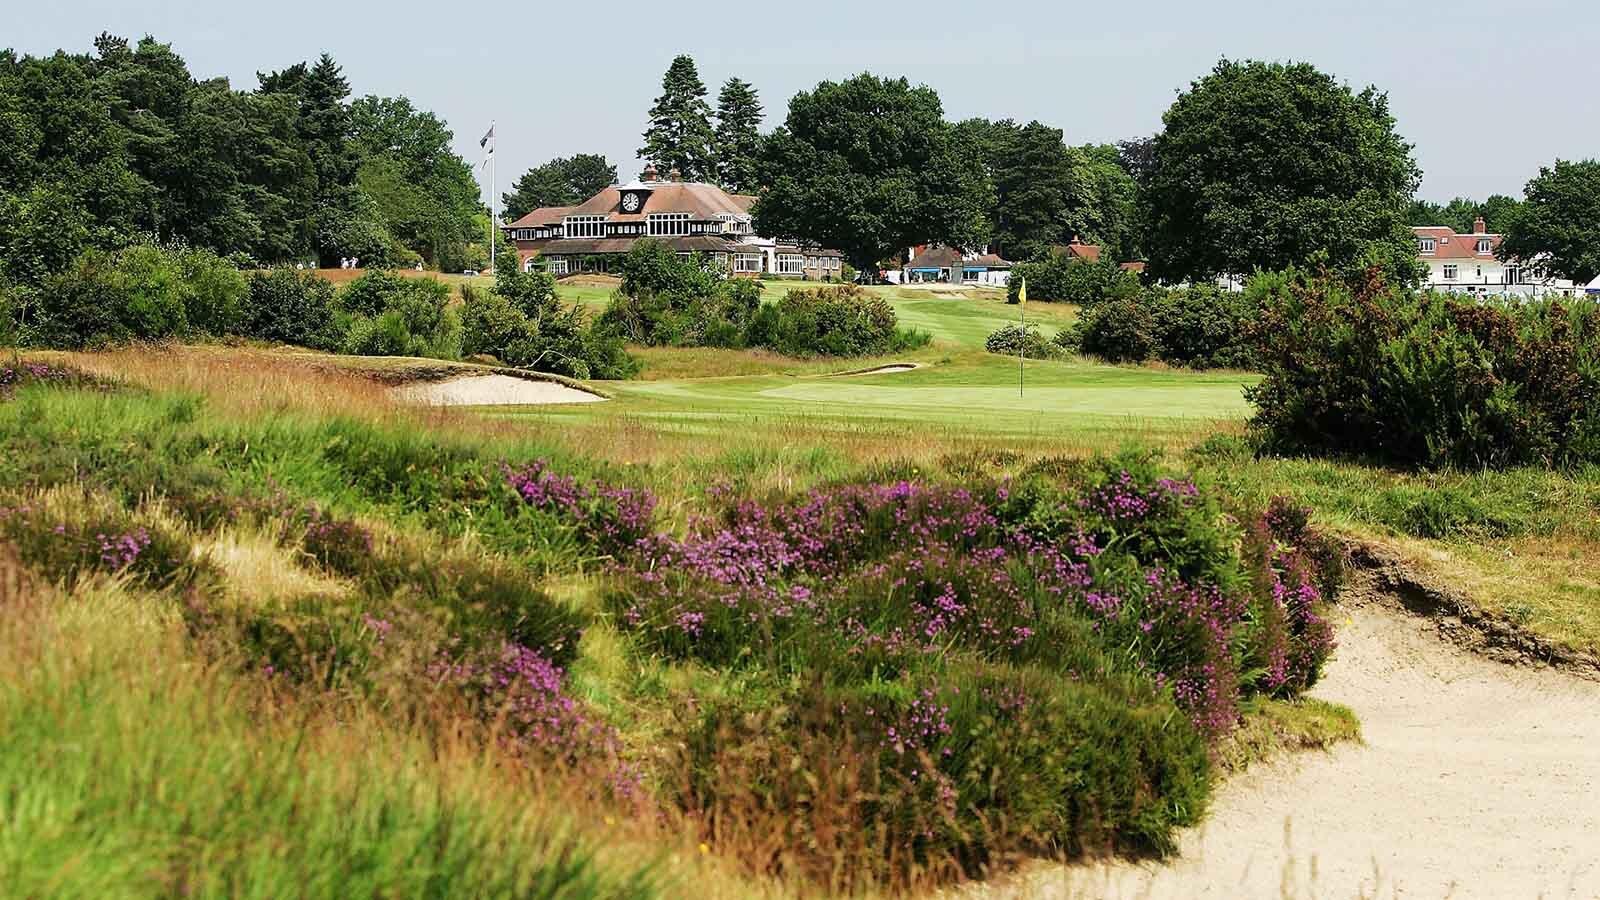 sunningdale_golf_club_1.jpg